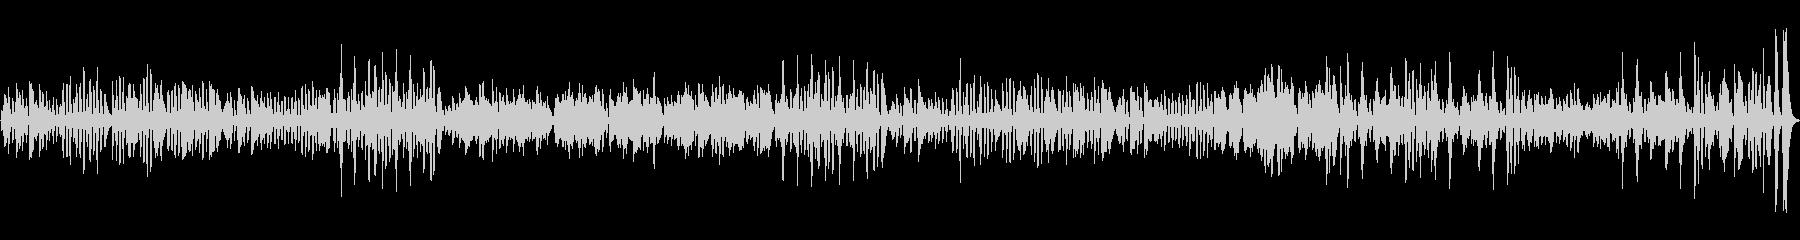 モーツァルトのトルコ行進曲をピアノ演奏での未再生の波形